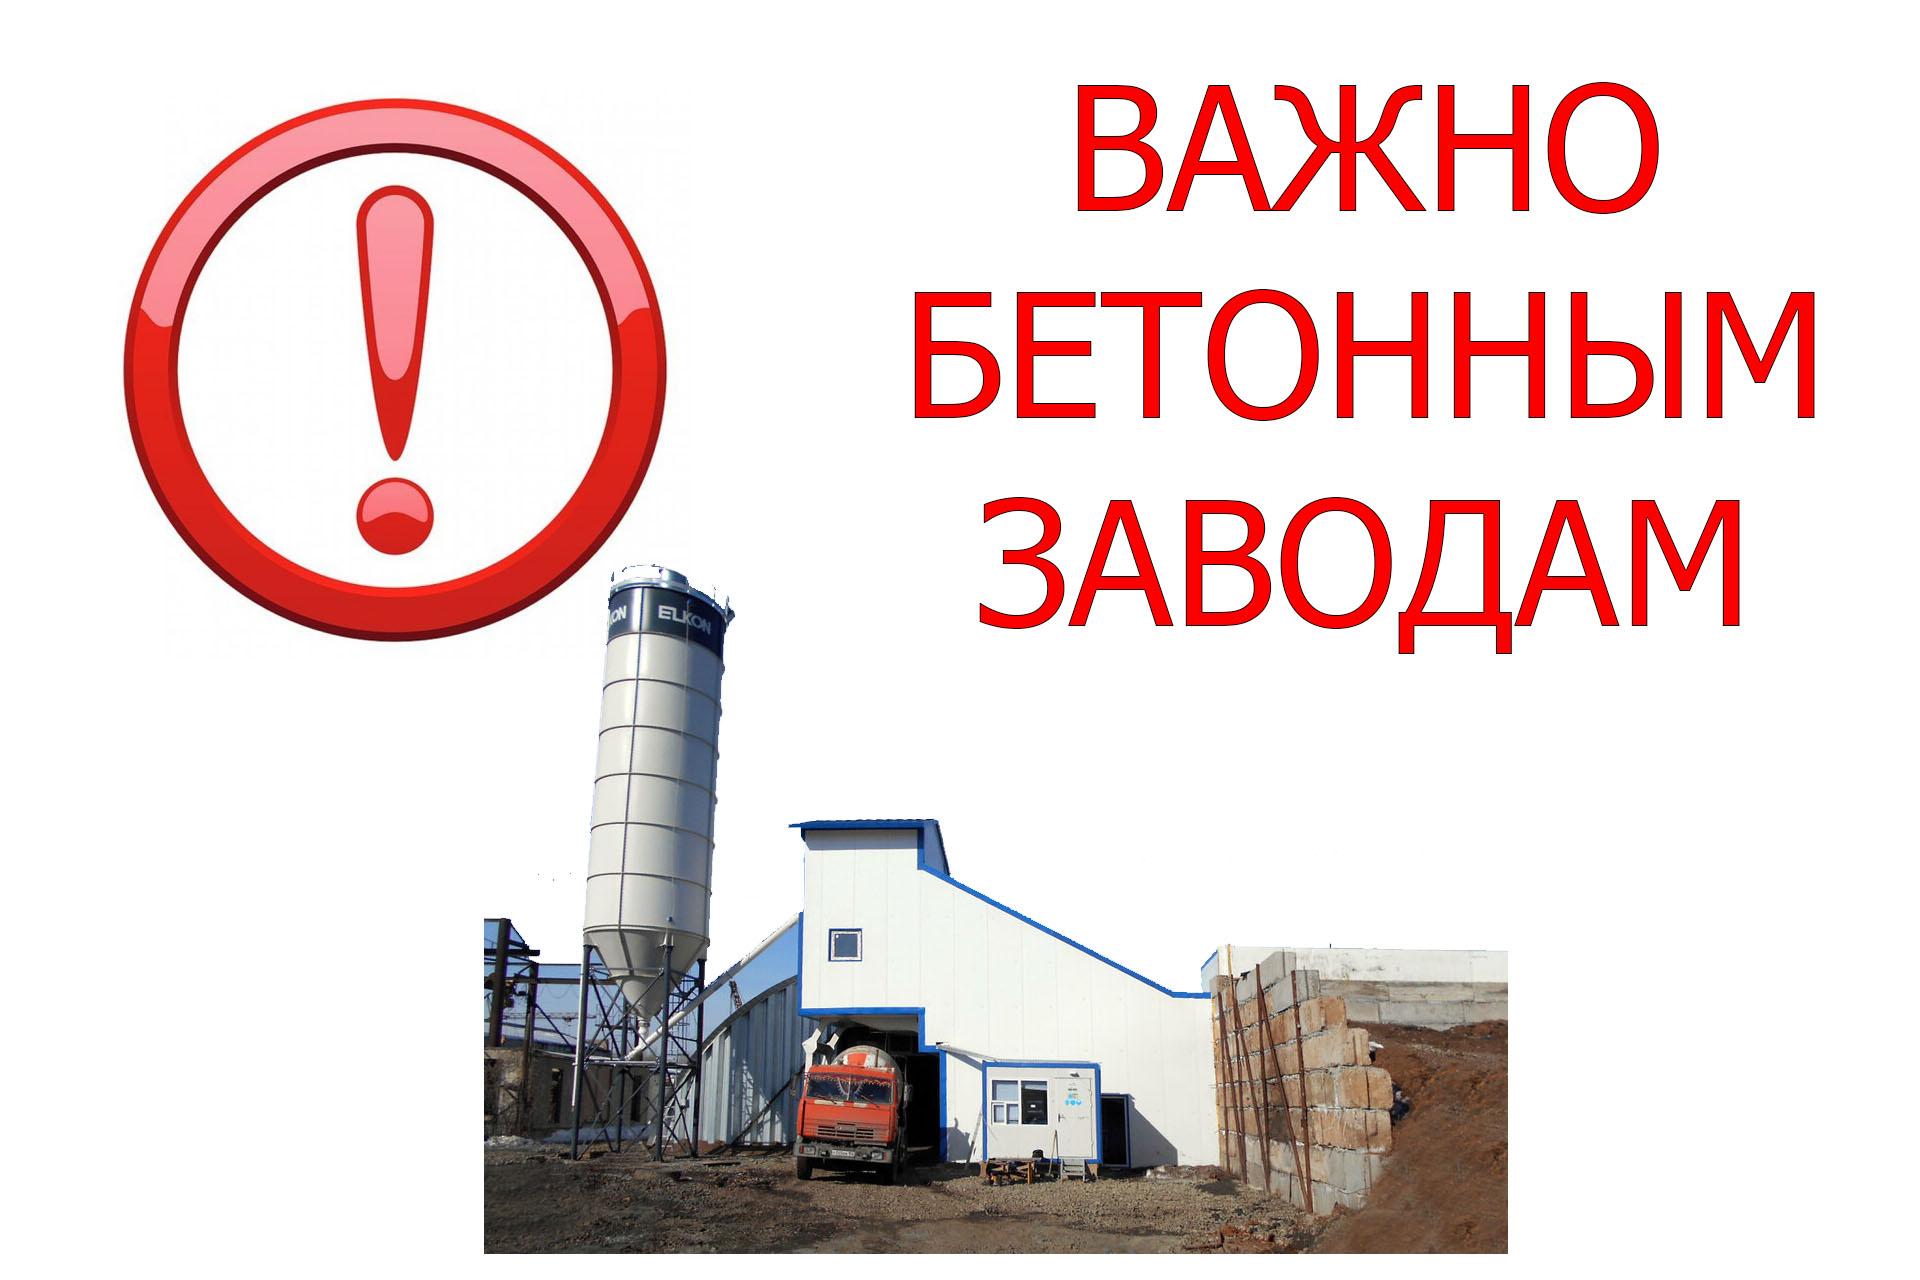 Правила декларирования соответствия смесей и растворов строительных состав бетонной смеси в л